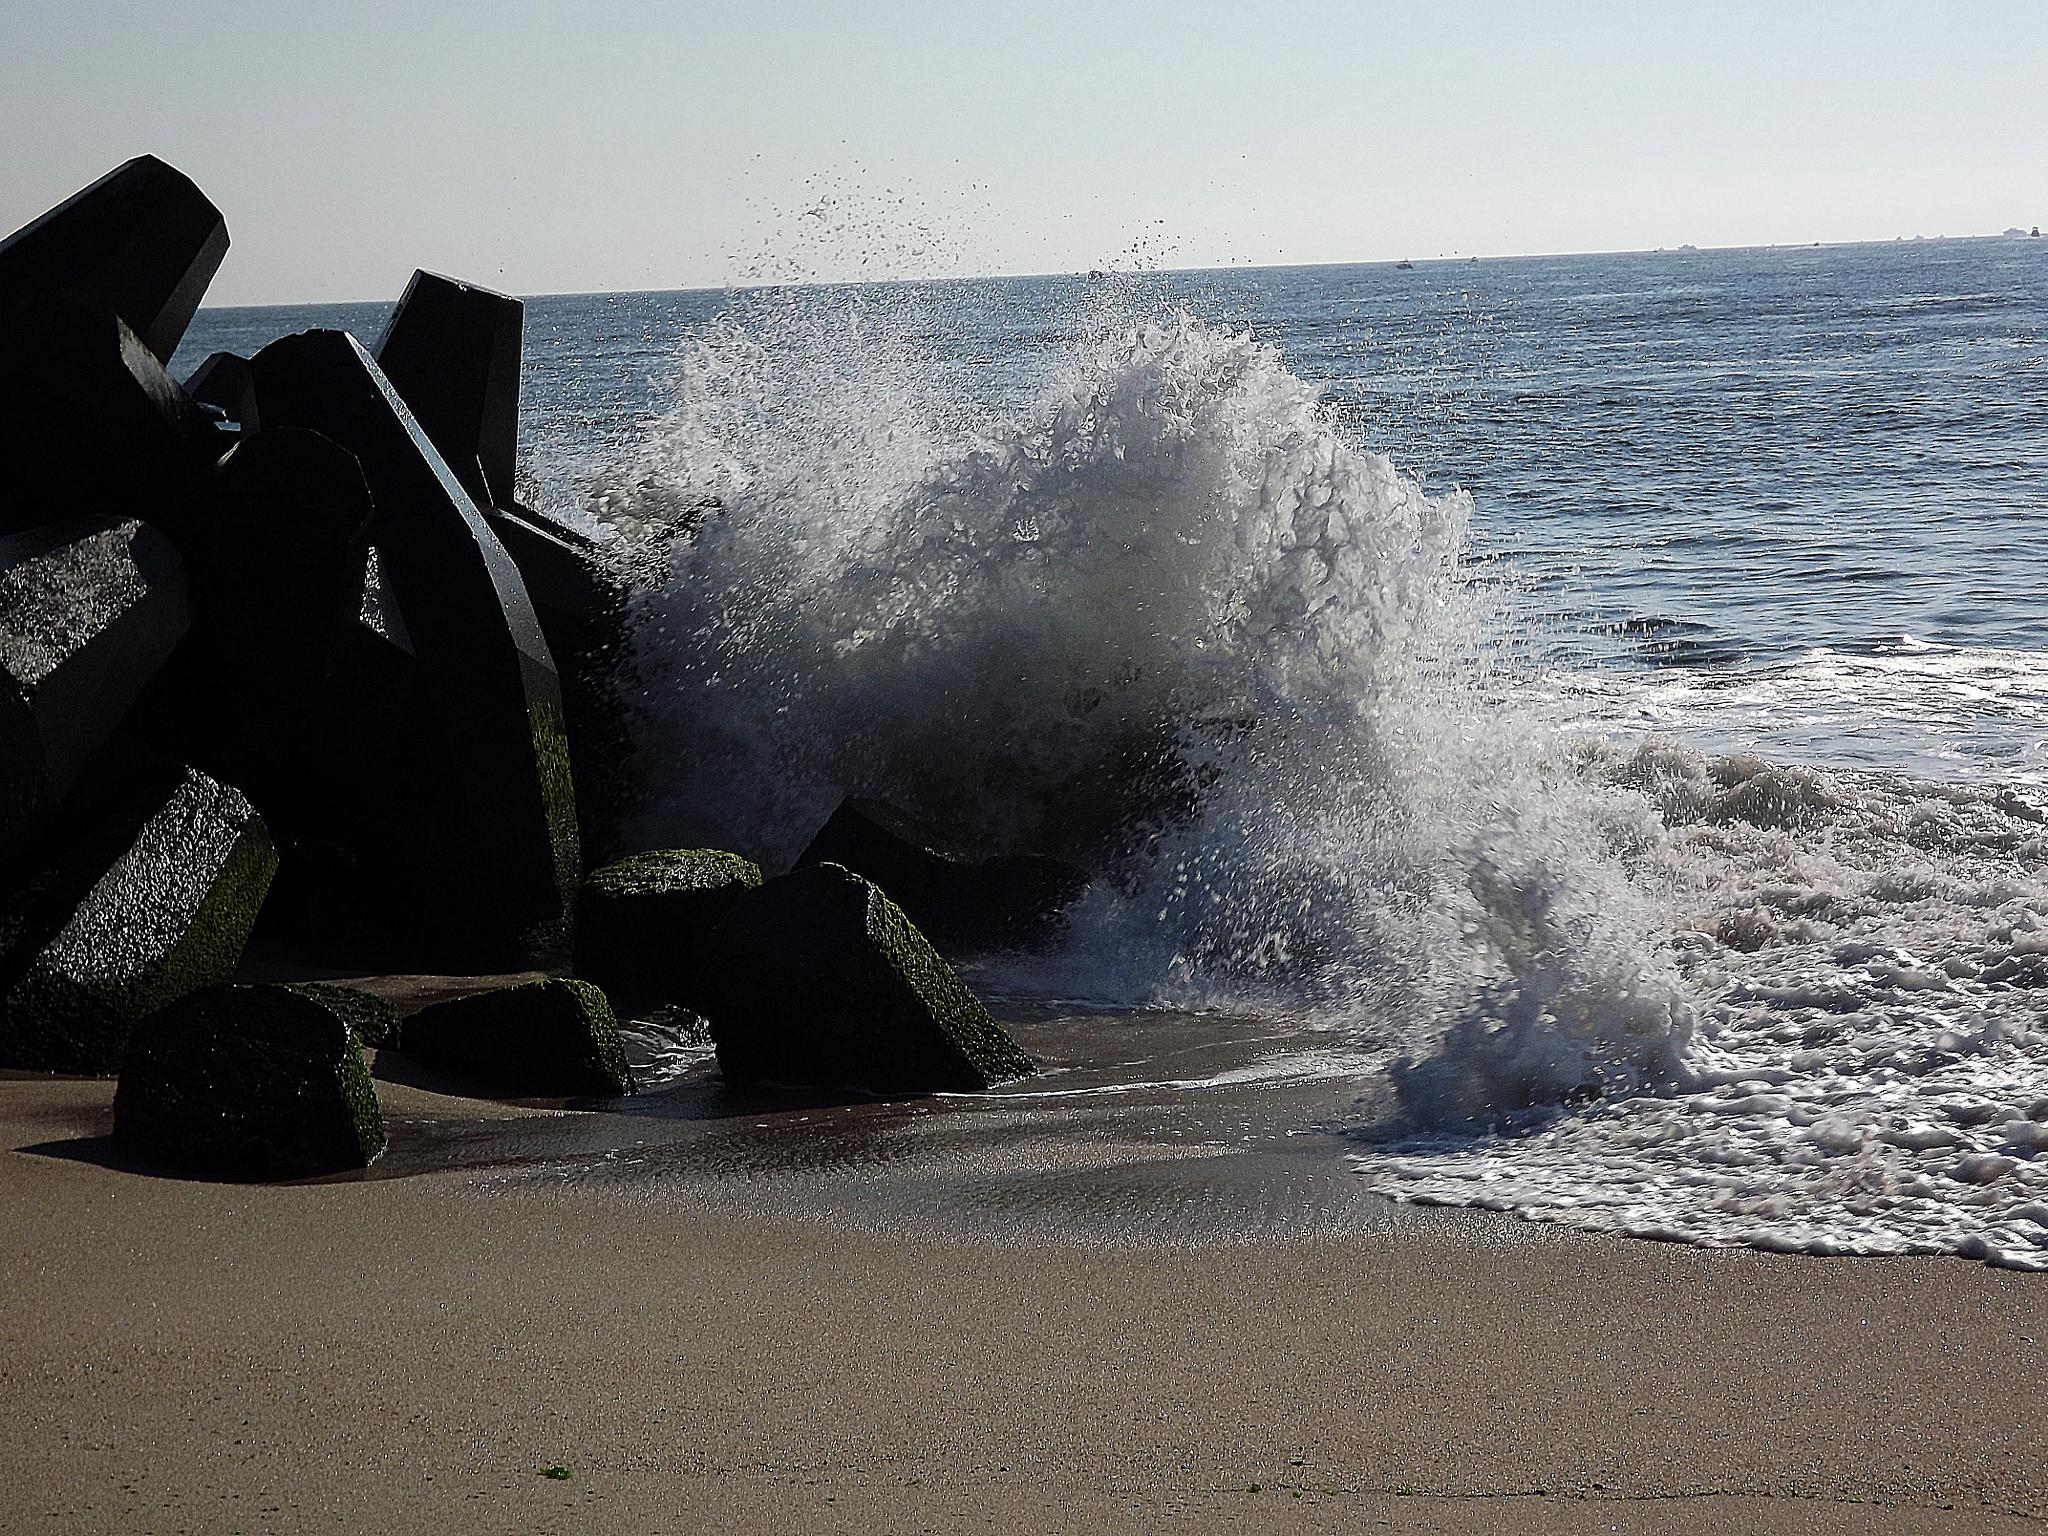 Waves against the rocks by Antonette Stiebritz